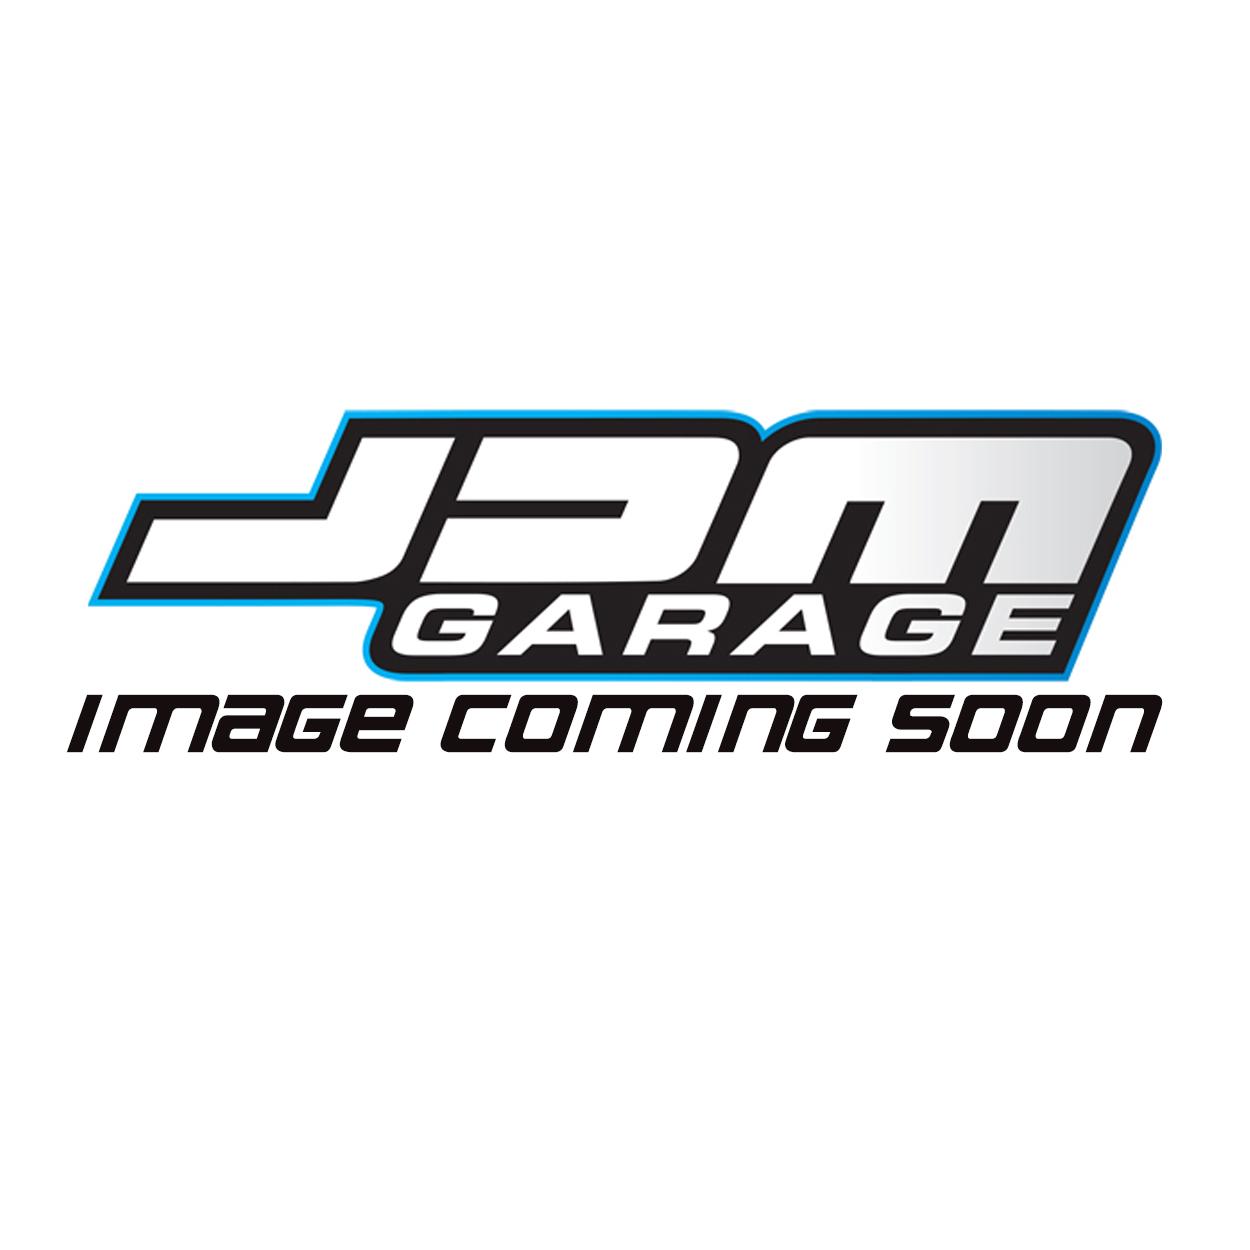 Genuine Toyota Rear Brake Pads For Chaser JZX100 Tourer V 1JZ-GTE 04466-22150